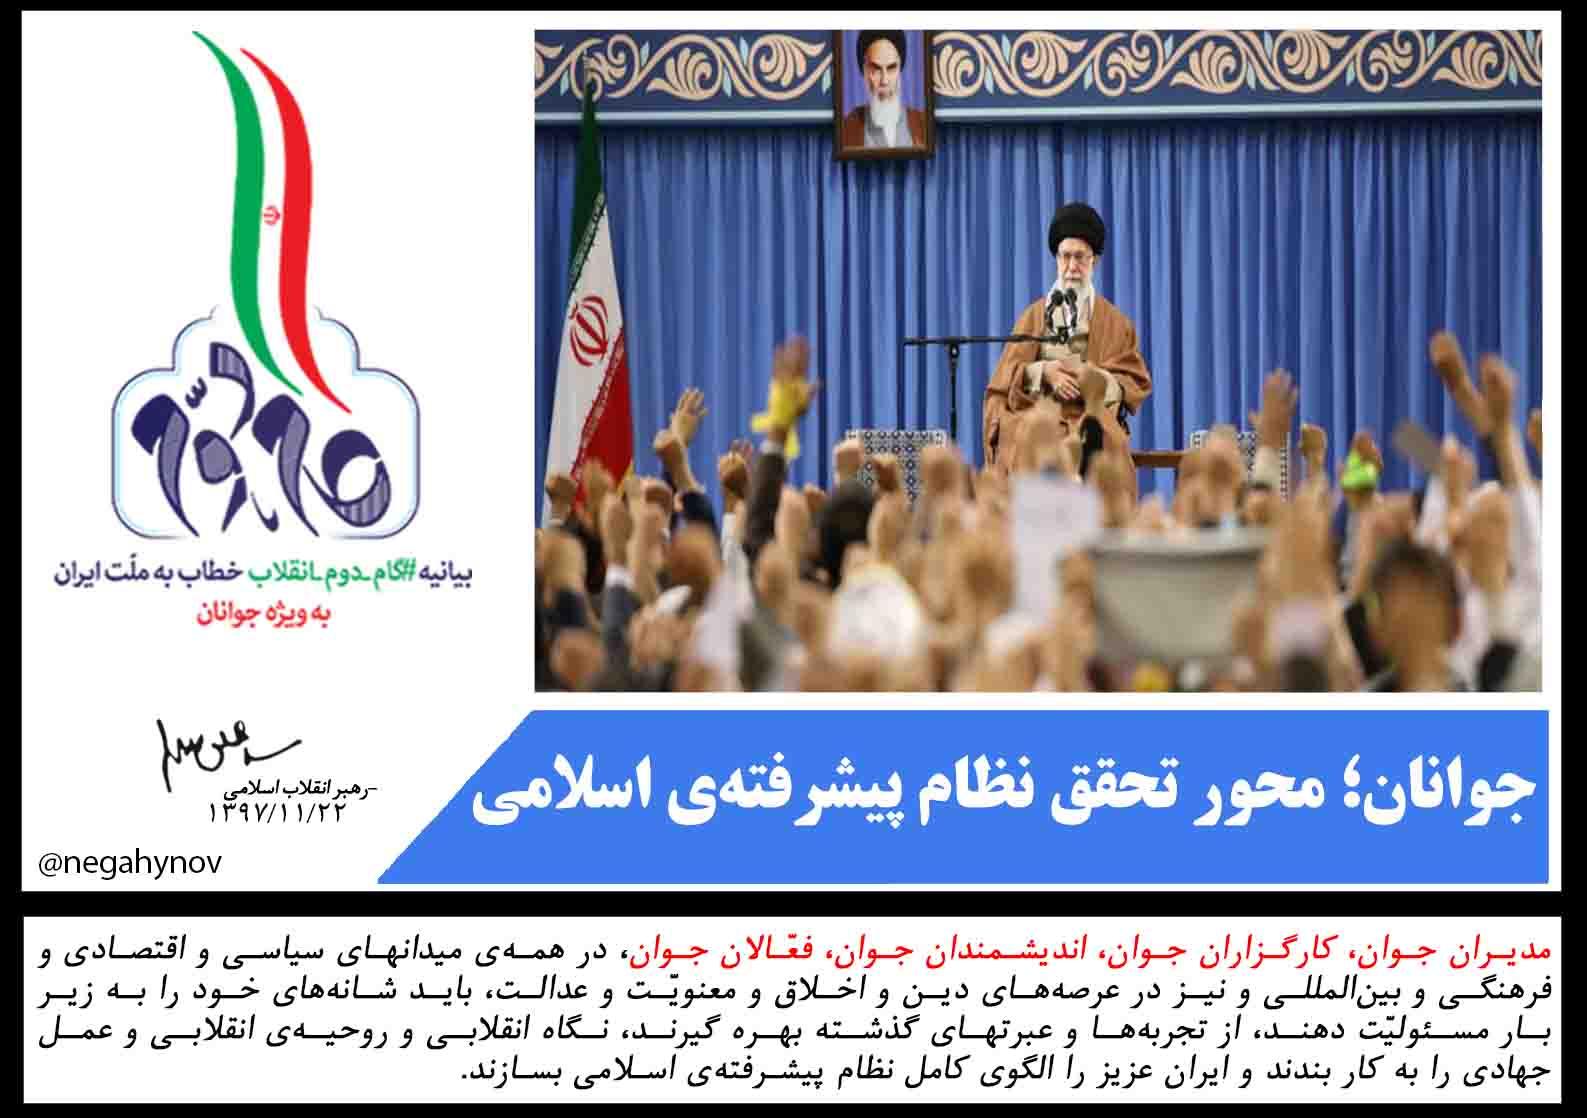 جوانان و نظام اسلامی - نگاهی نو - بیانیه گام دوم انقلاب